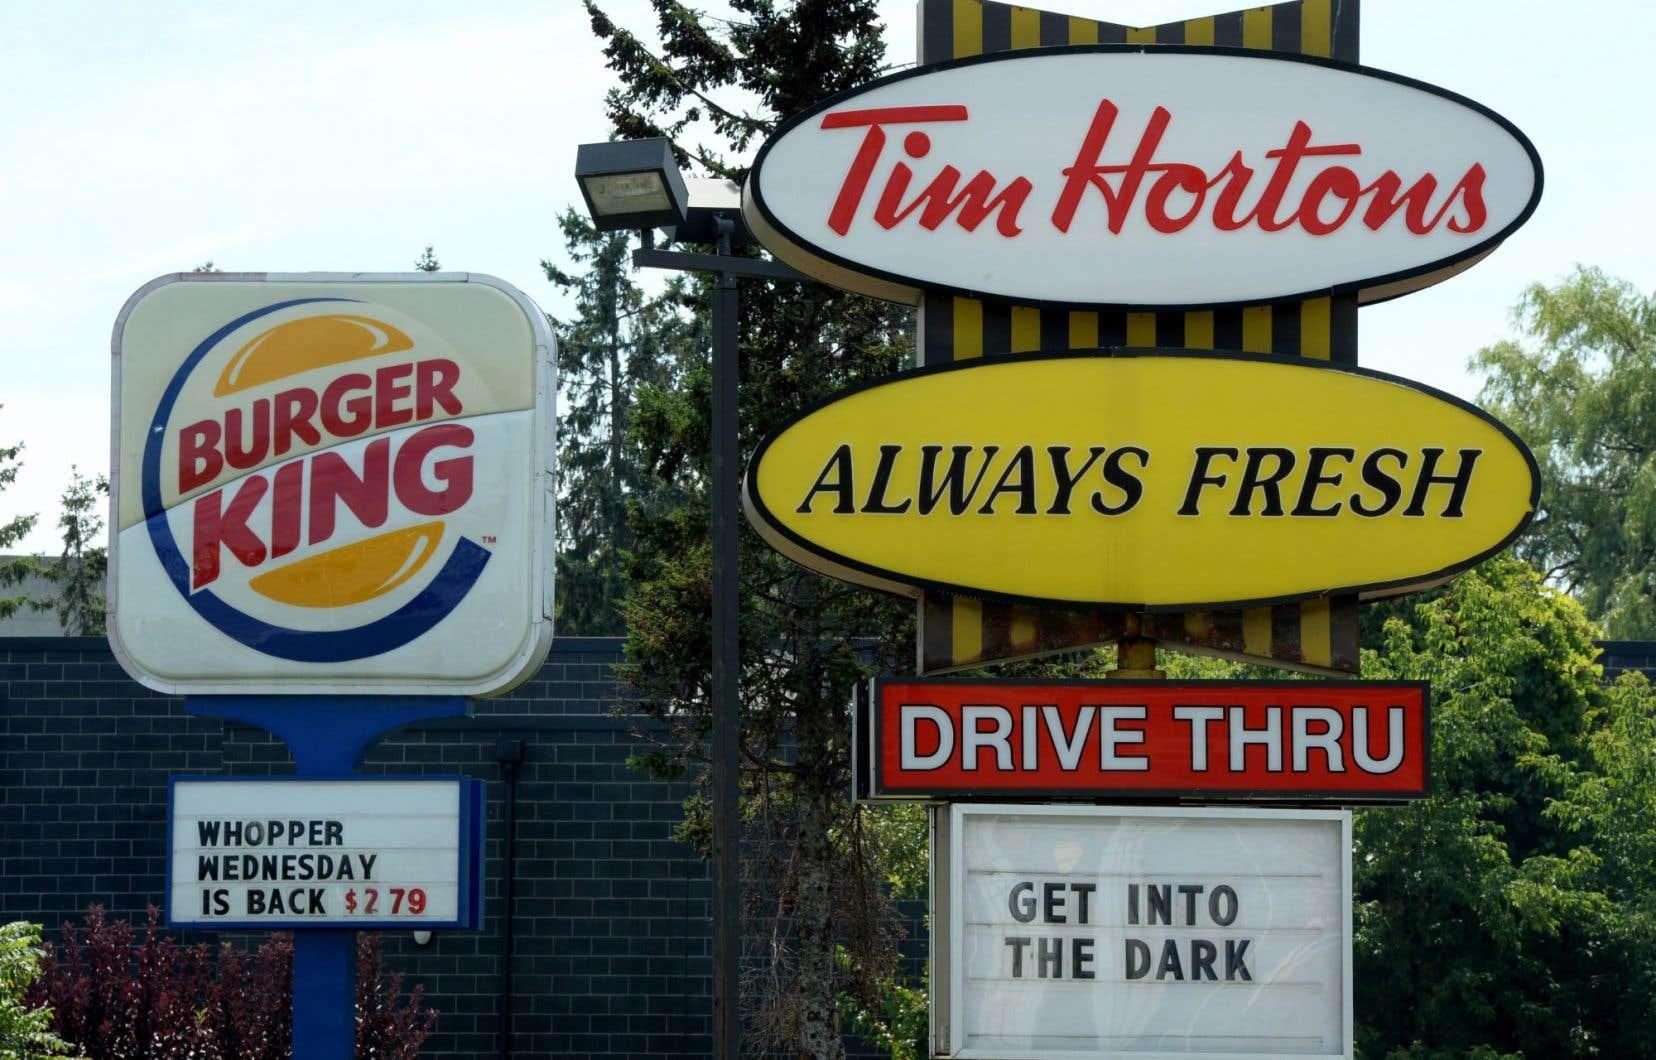 L'entente entre Tim Hortons et Burger King a été annoncée à peine plus de 24 heures après que les deux entreprises eurent confirmé tenir des discussions.